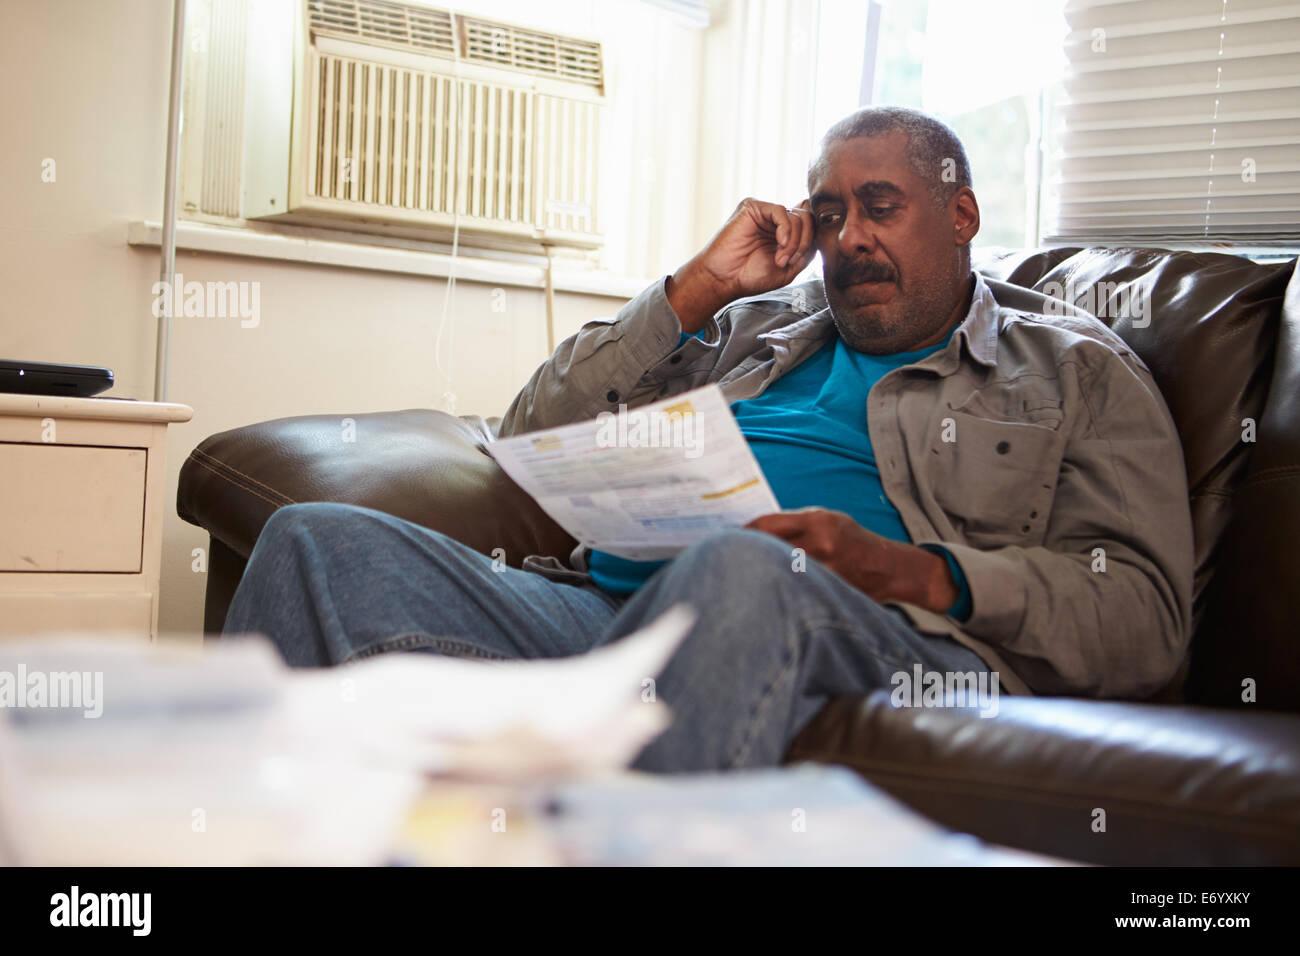 Worried Senior Man Sitting On Sofa Looking At Bills - Stock Image